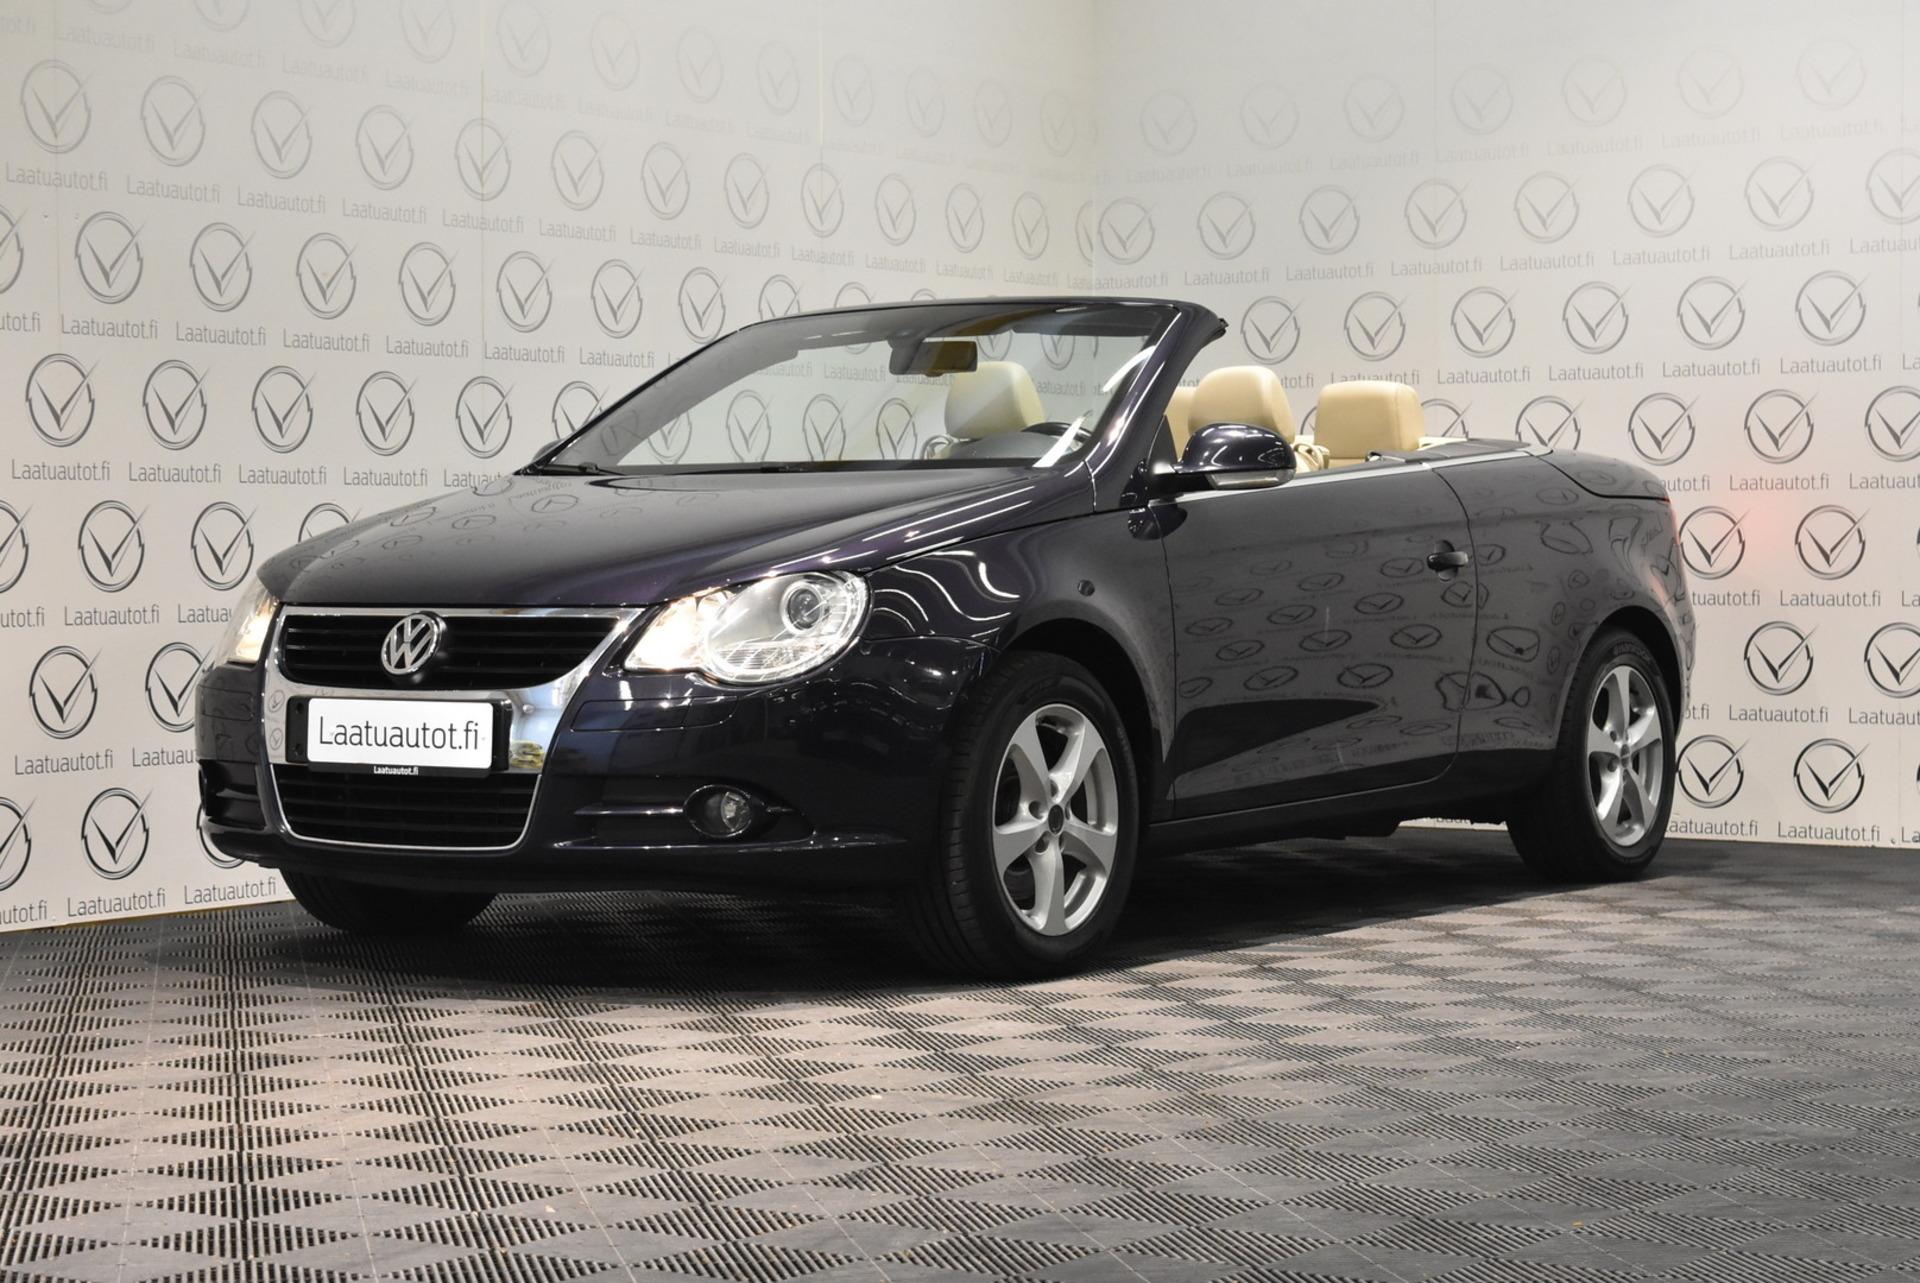 VOLKSWAGEN EOS 2, 0 turbo FSI 147 kW - Korko: 1, 89% + kulut! Jopa ilman käsirahaa!